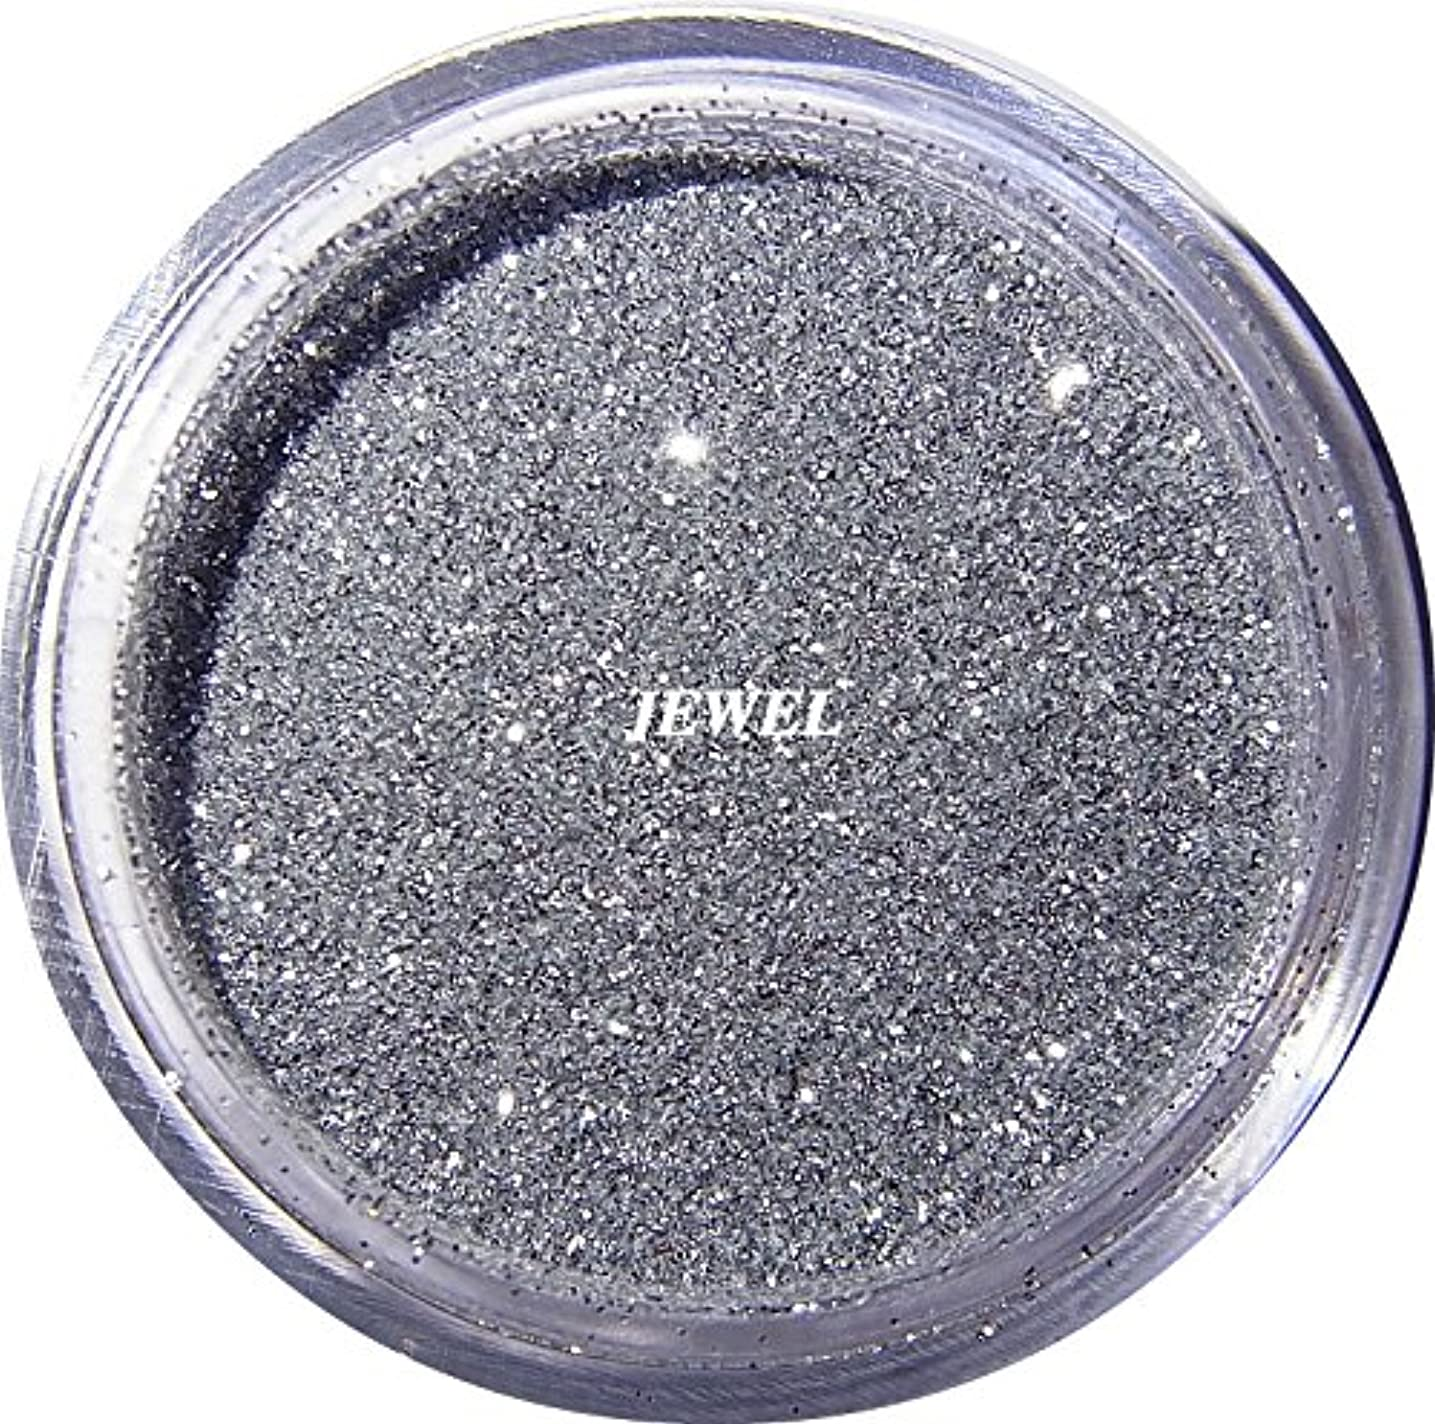 今日泣いているネスト【jewel】 超微粒子ラメパウダー(銀/シルバー) 256/1サイズ 2g入り レジン&ネイル用 グリッター